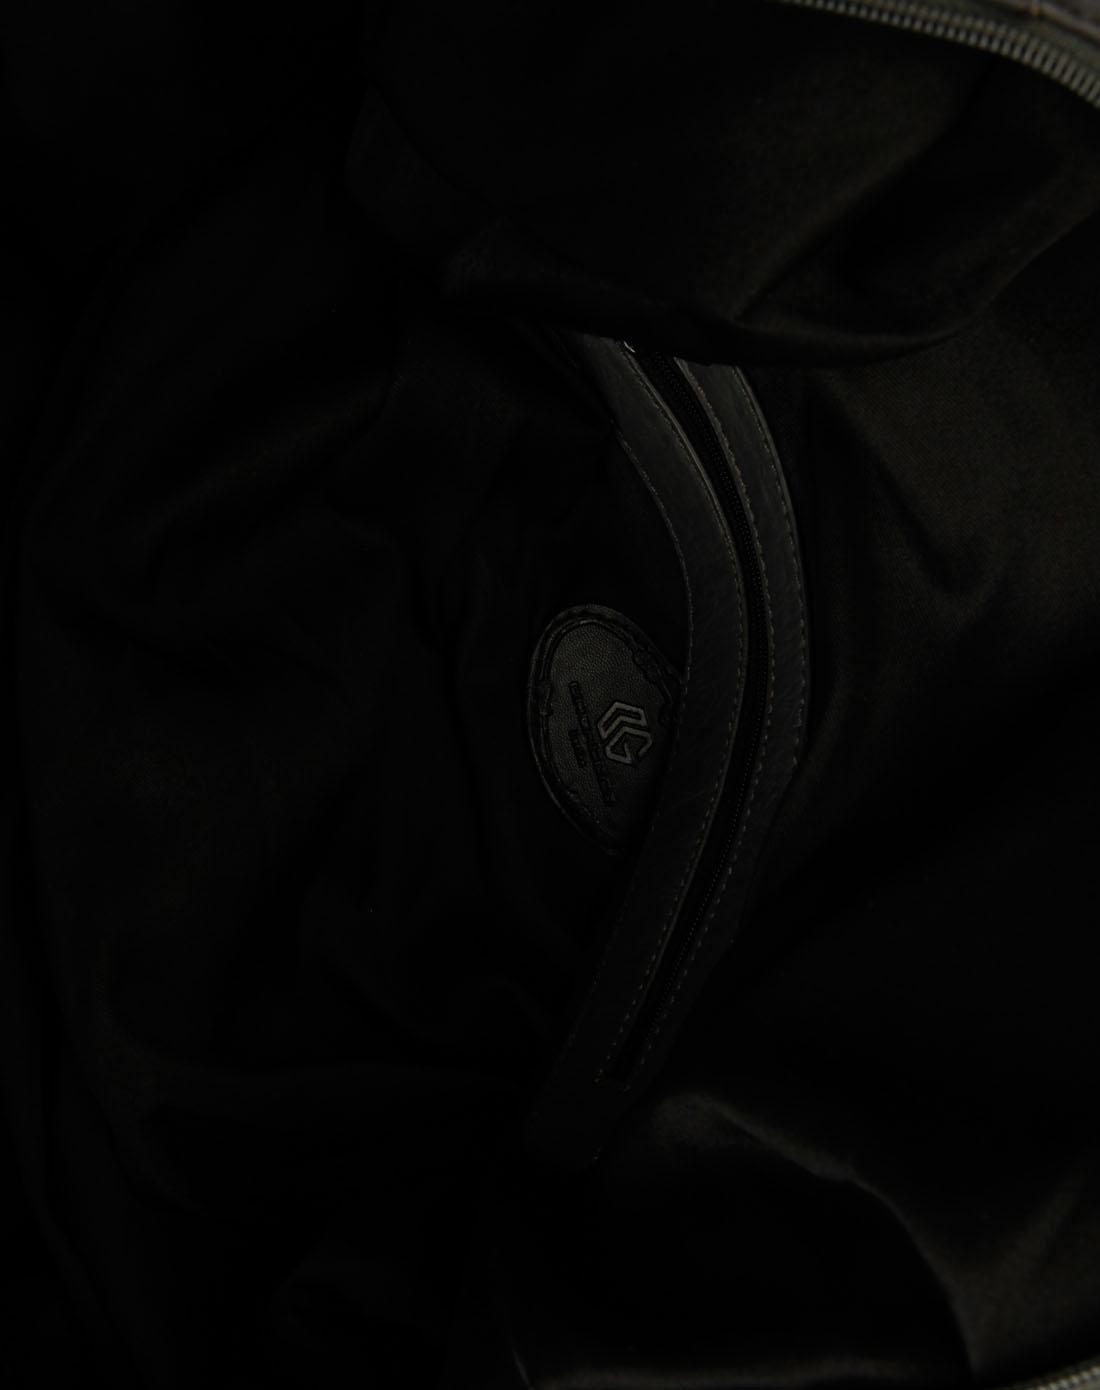 谷蔻 墨灰色暗花时尚手挽袋